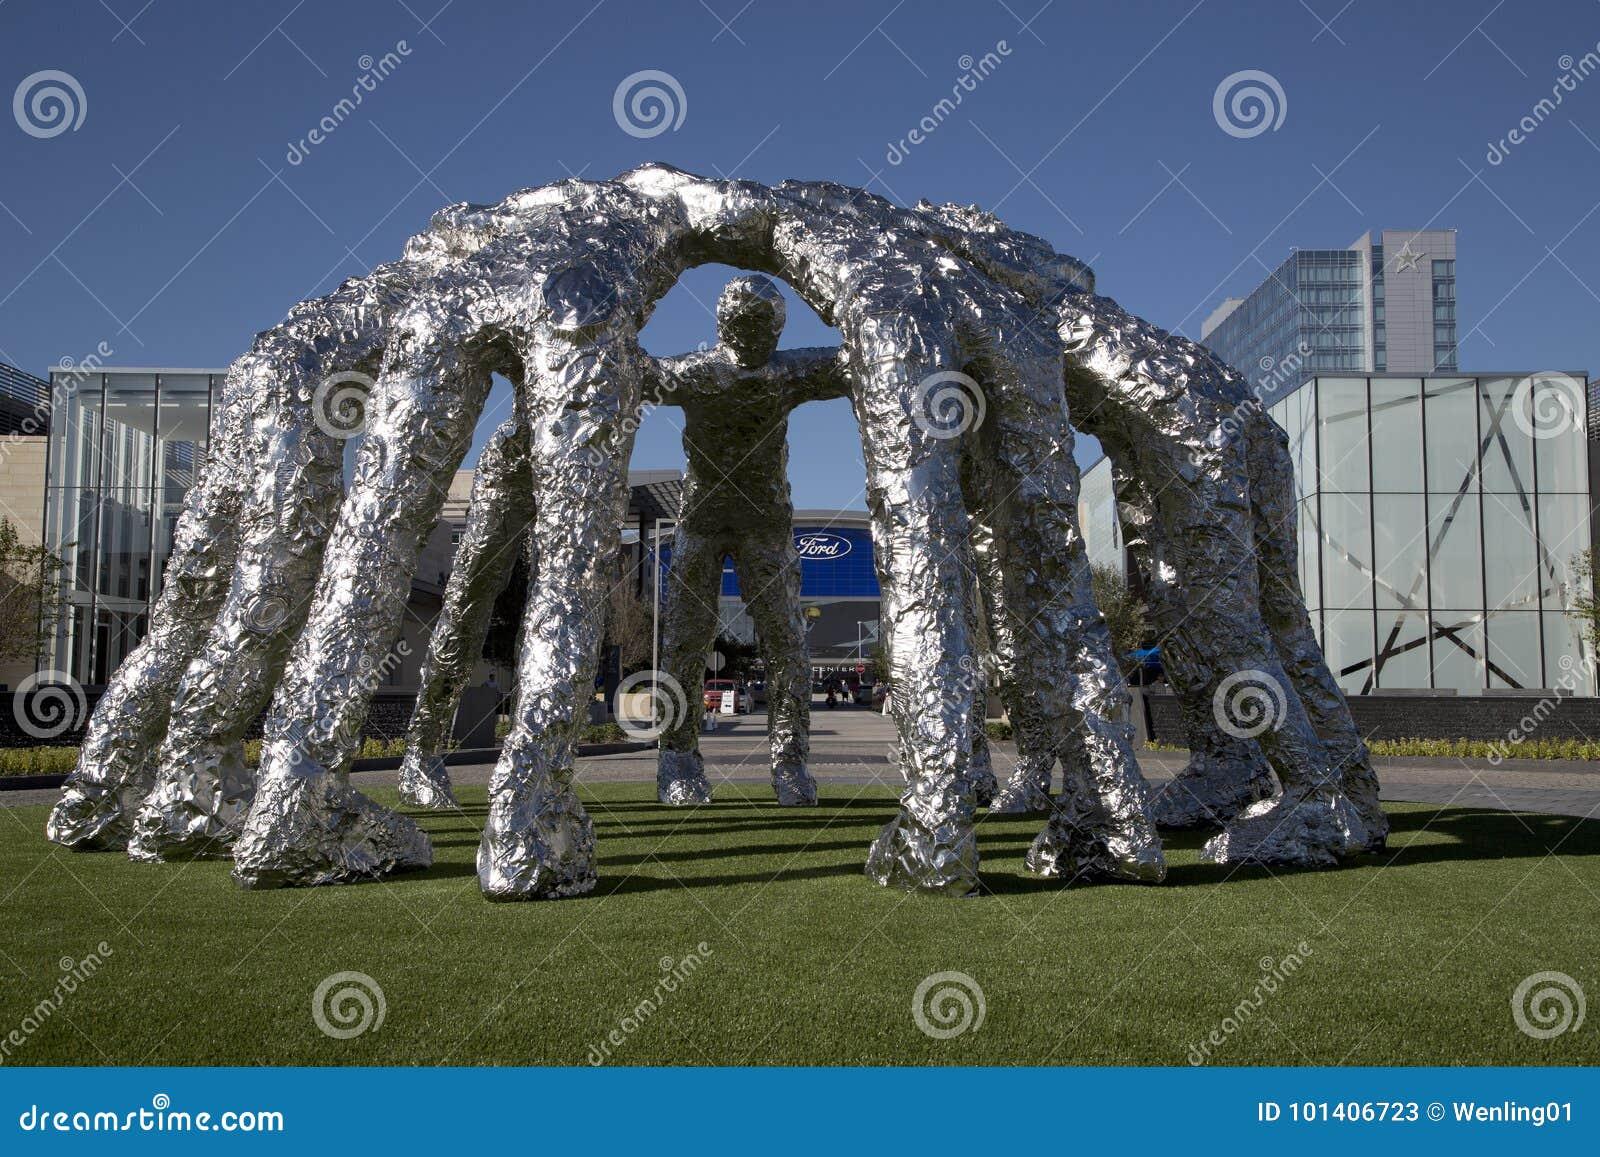 福特中心和牛仔杂乱的一团雕塑